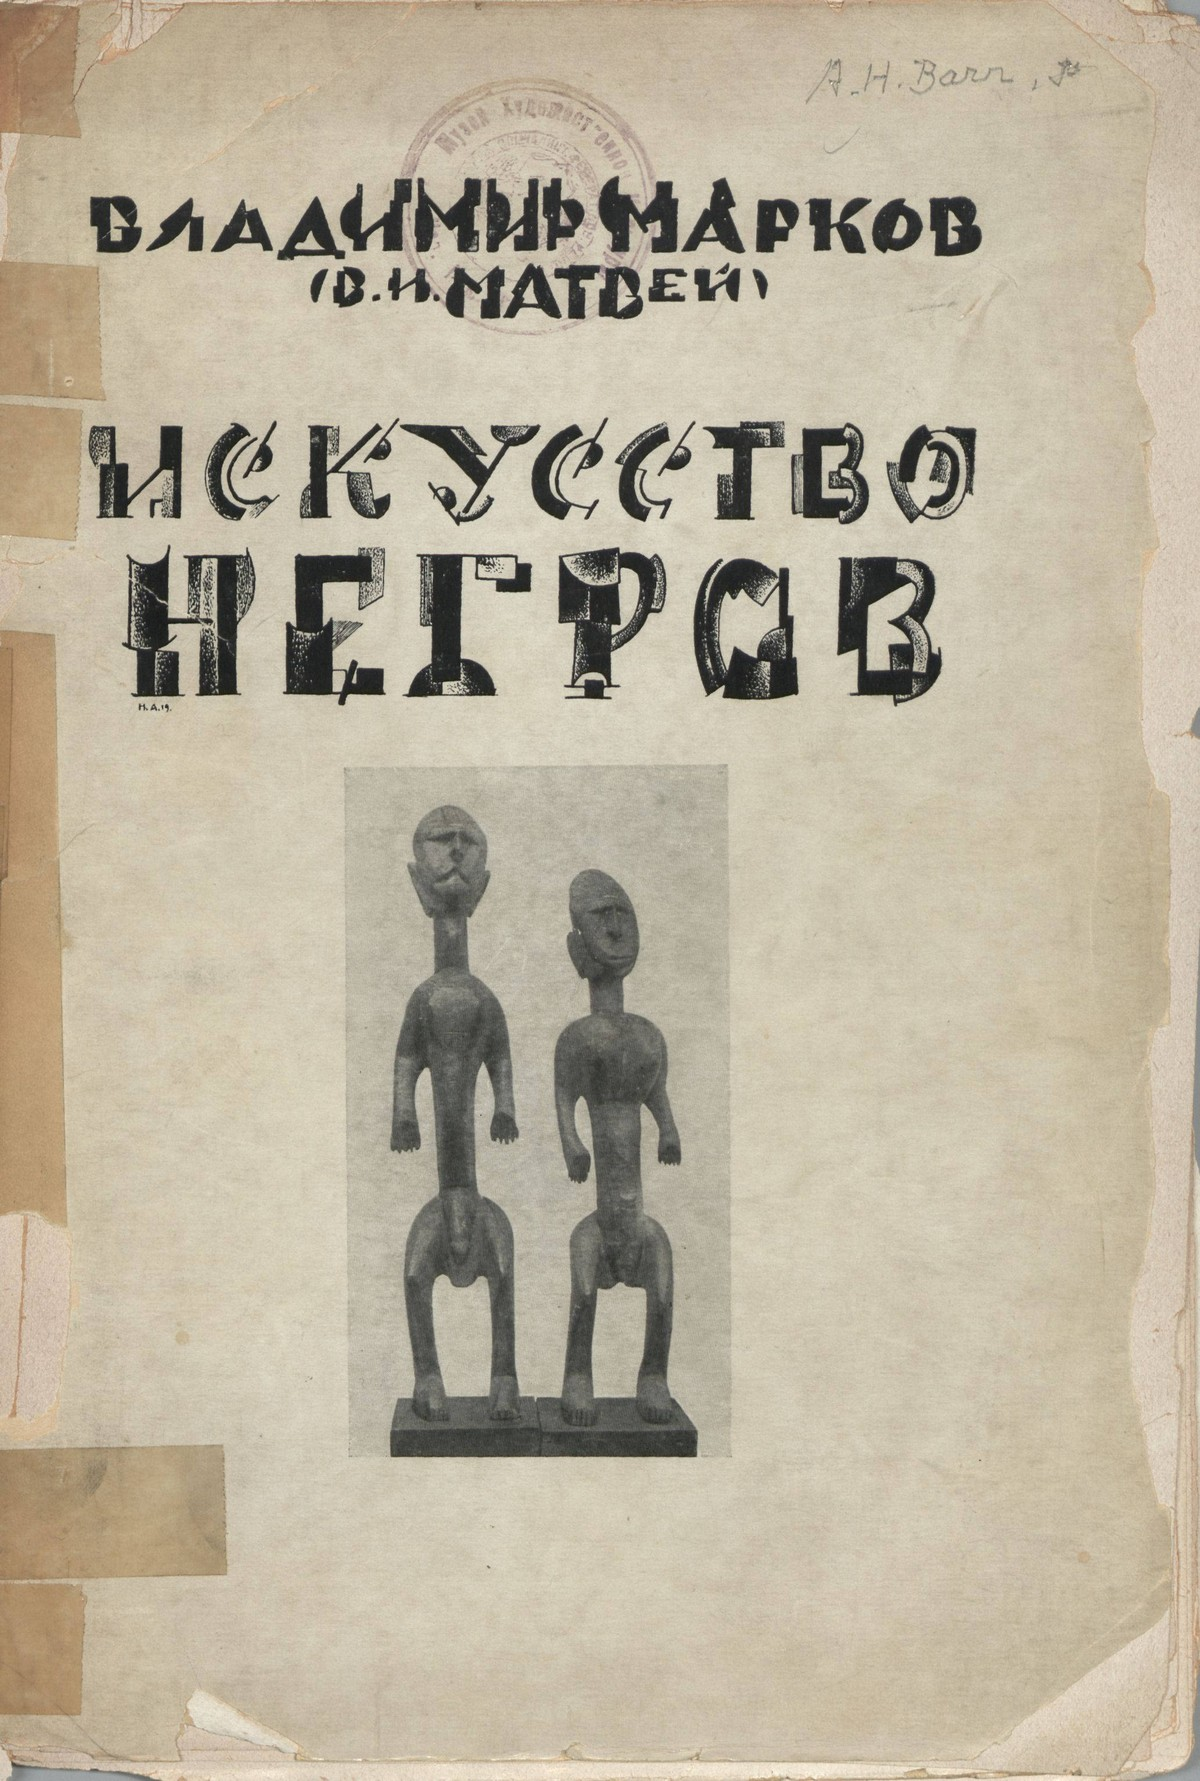 Метрополитен-музей выложил в свободный доступ 50 000 книг и каталогов по искусству 1